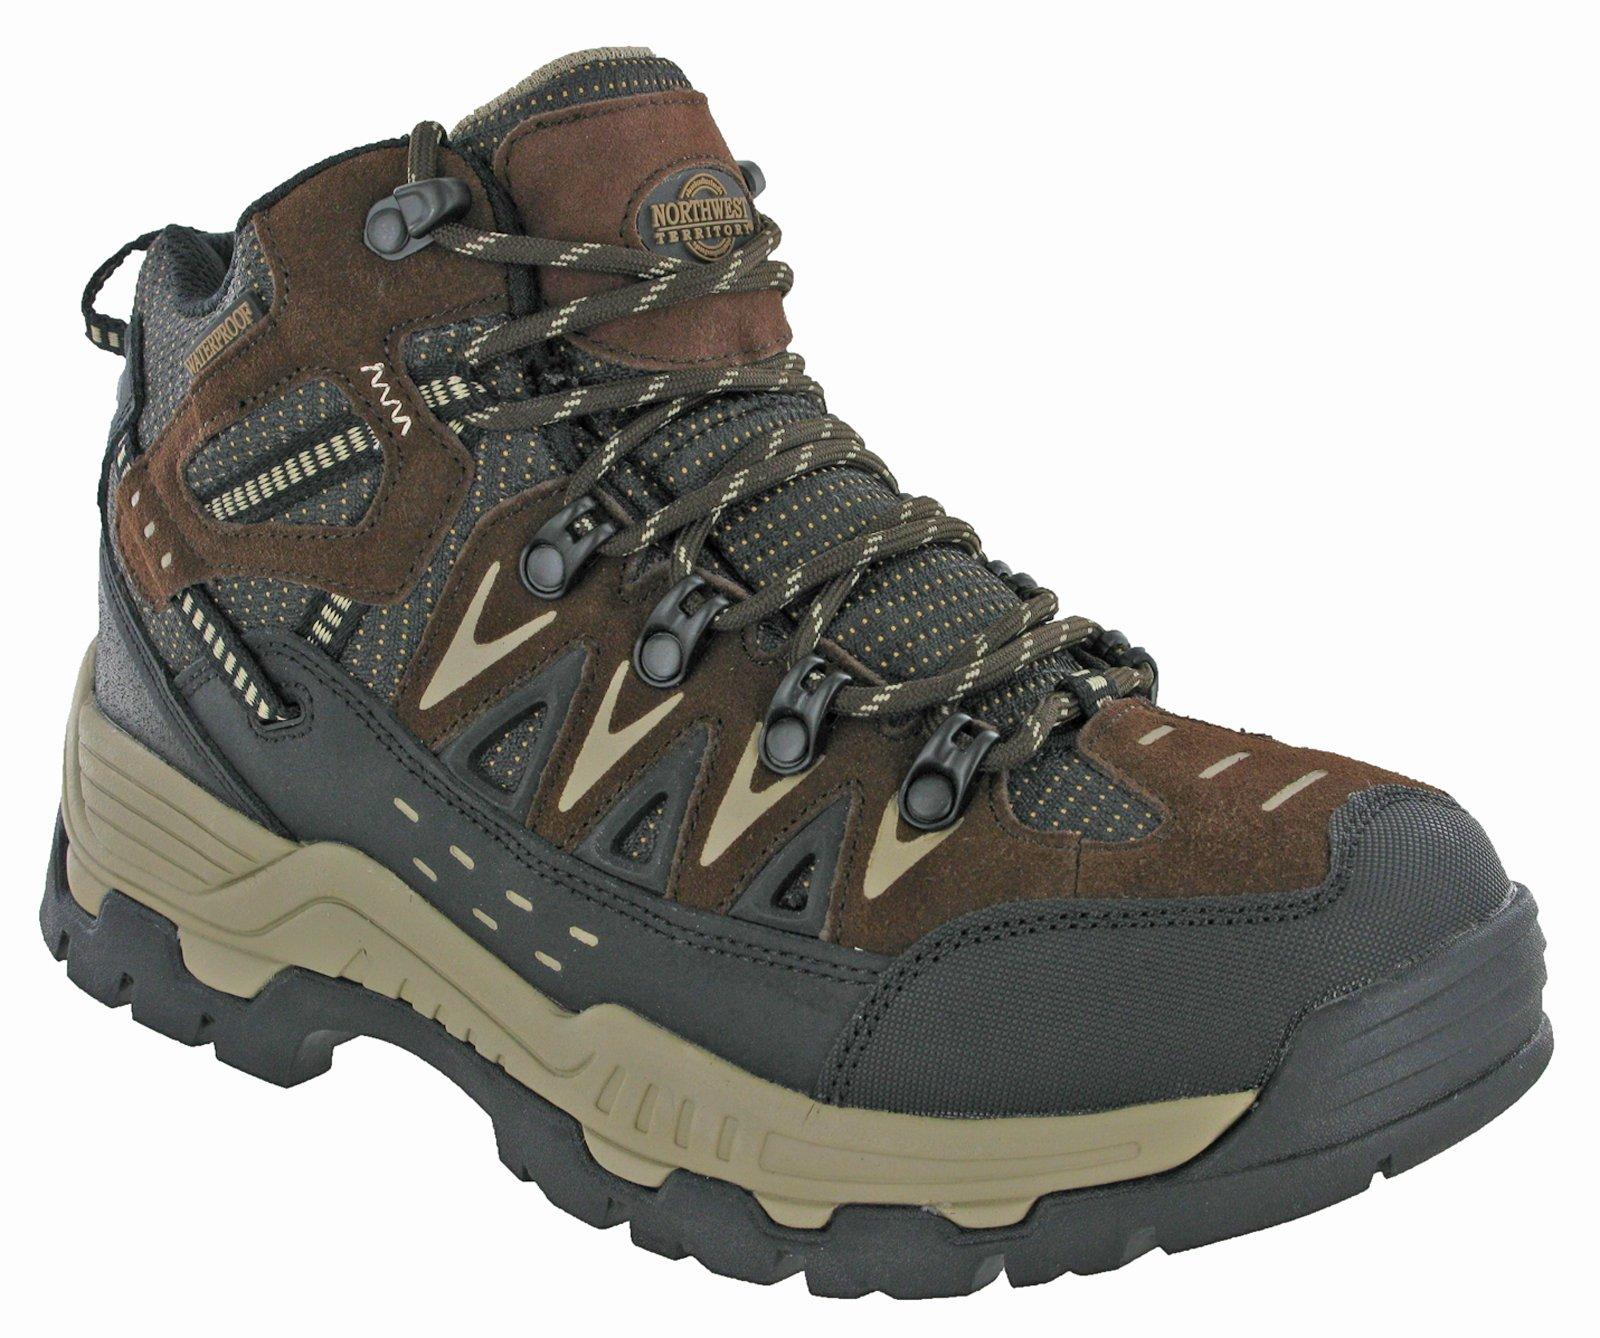 Northwest Mens Piers Hi Cut Brown/Beige Ankle Walking Boots 1